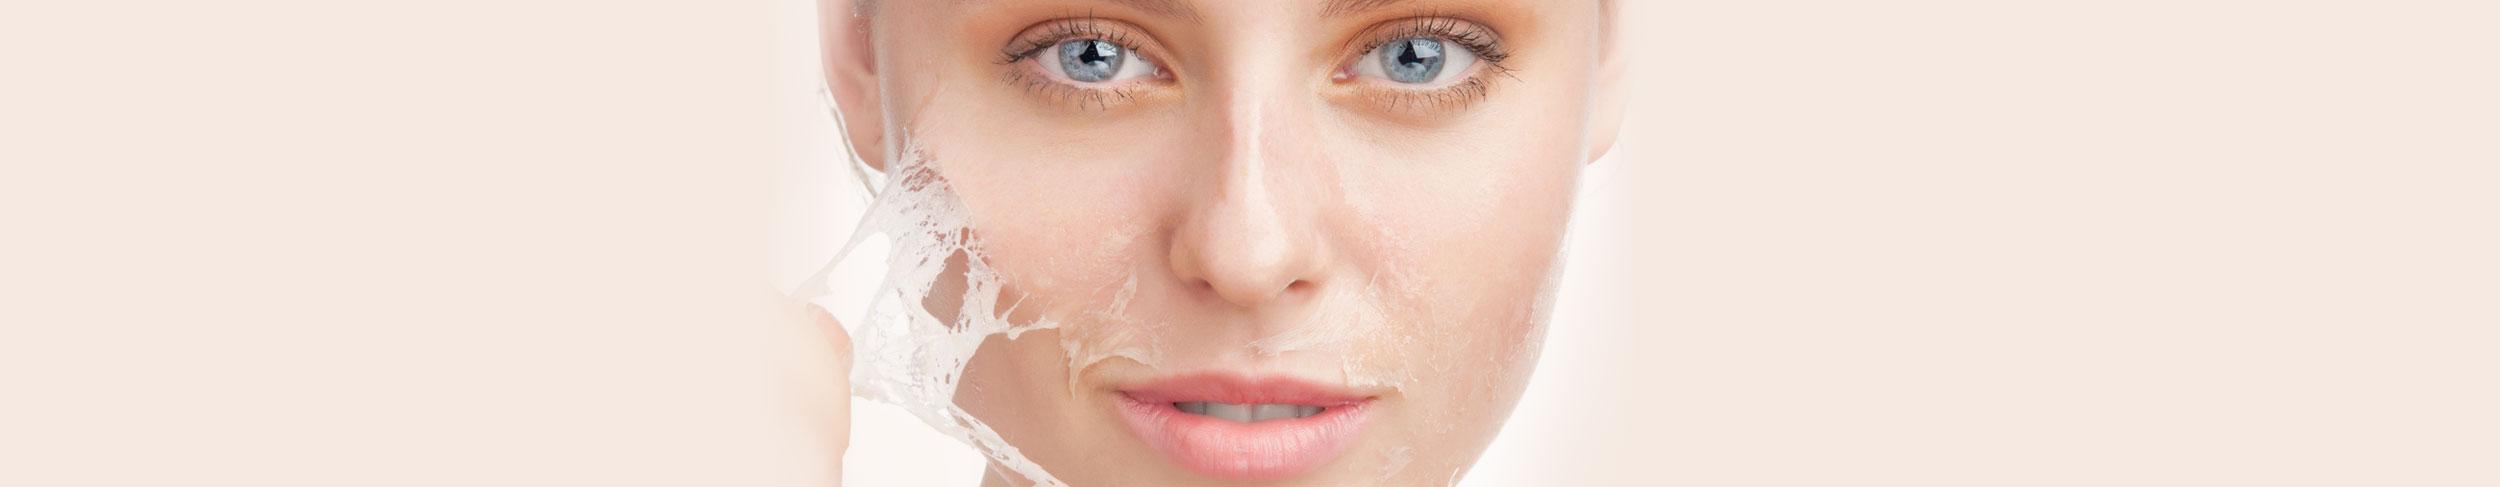 Gabol_head_dermatologia_2500px_def